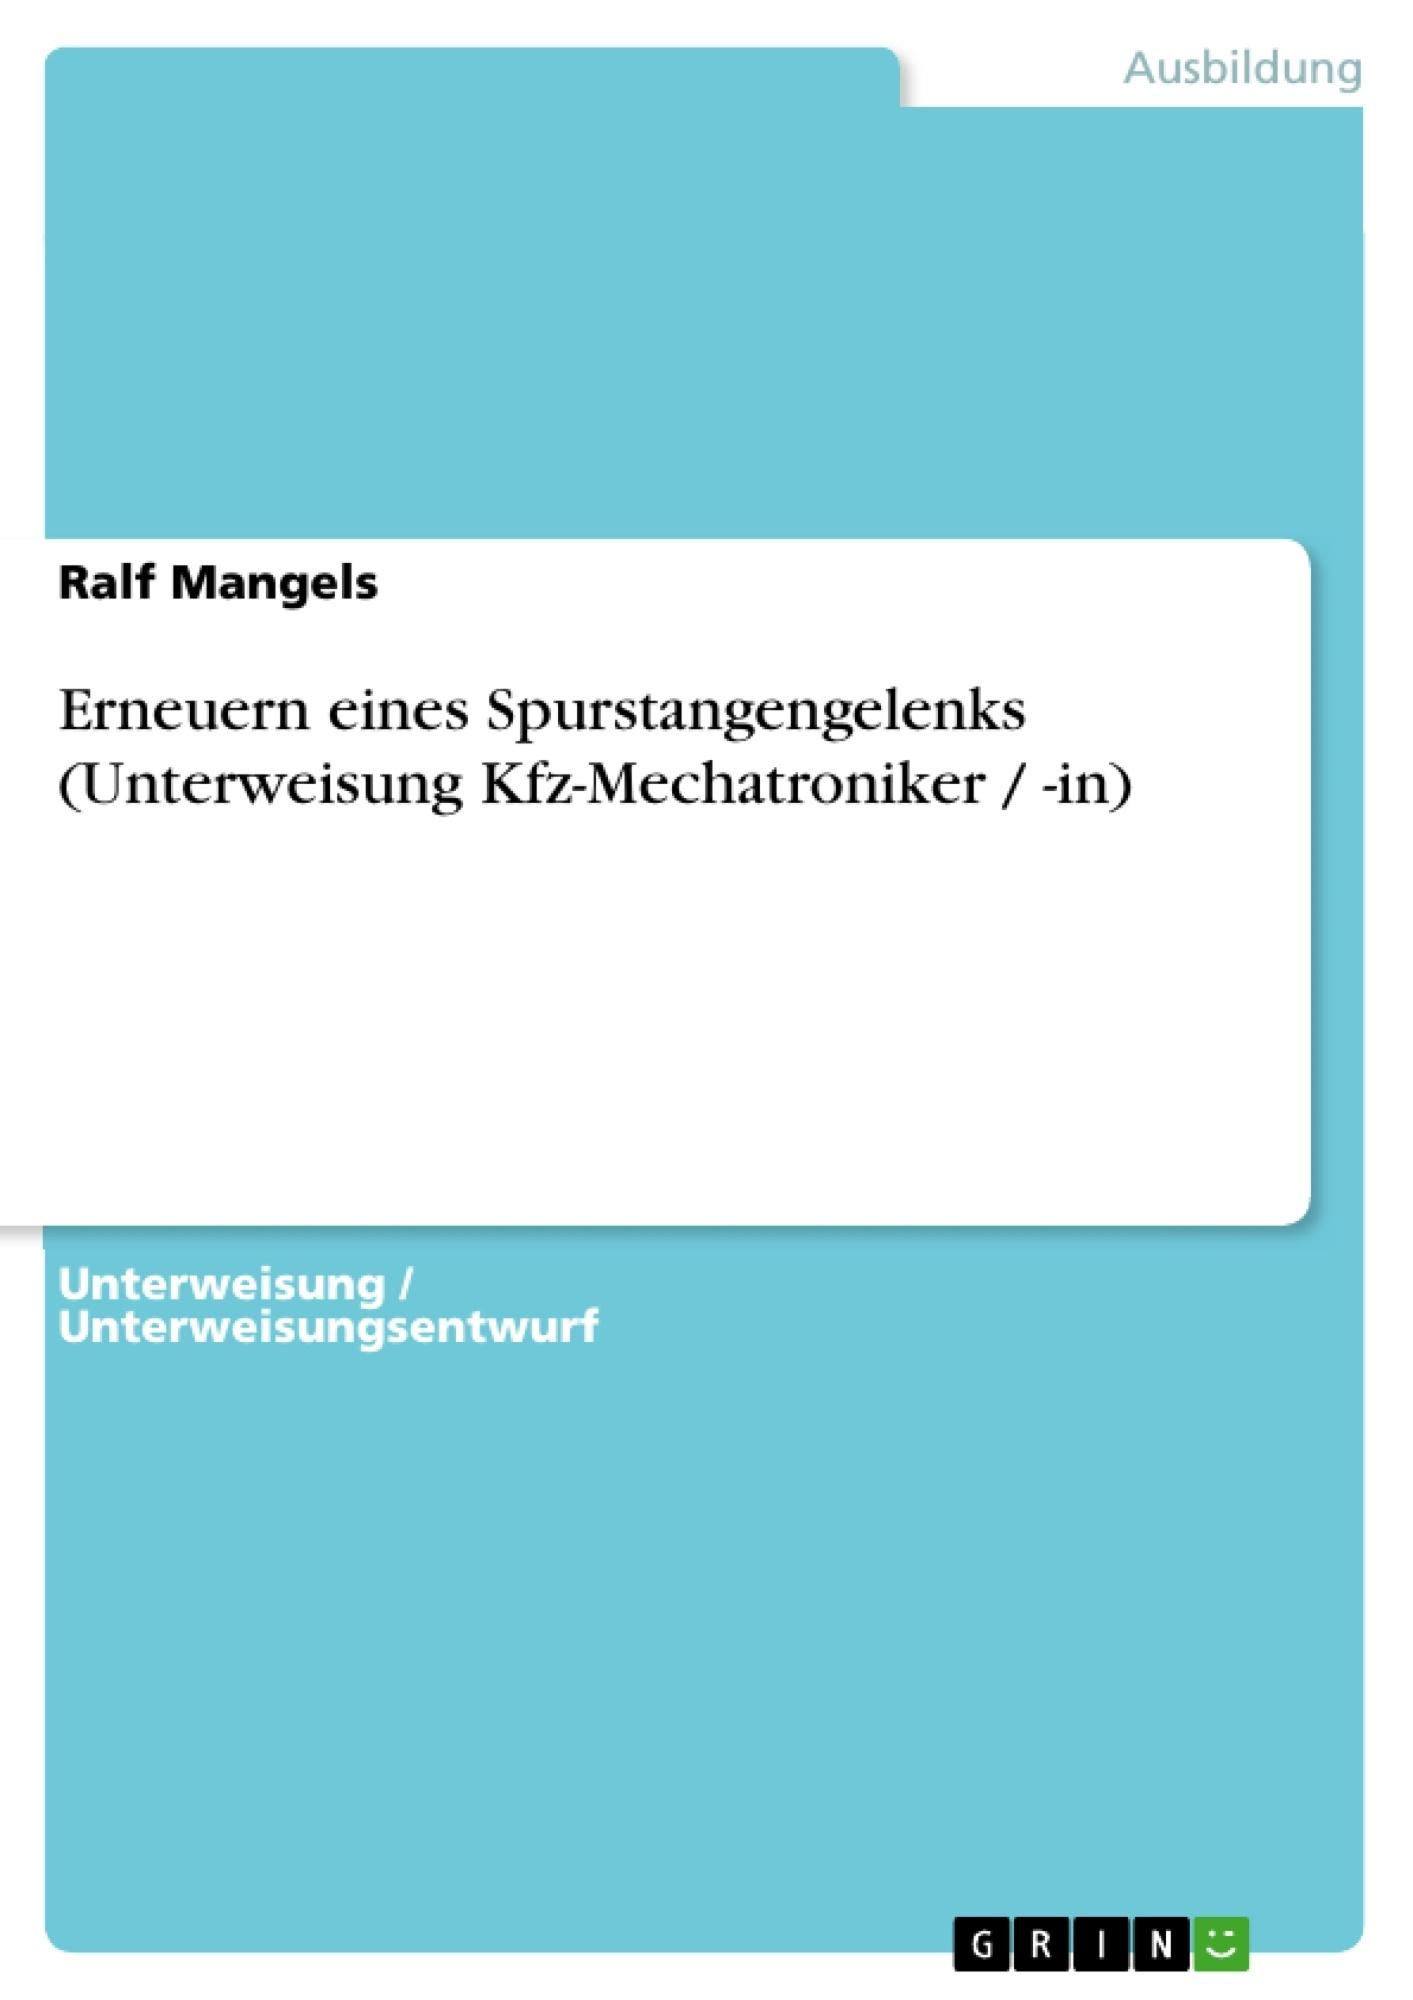 Titel: Erneuern eines Spurstangengelenks (Unterweisung Kfz-Mechatroniker / -in)